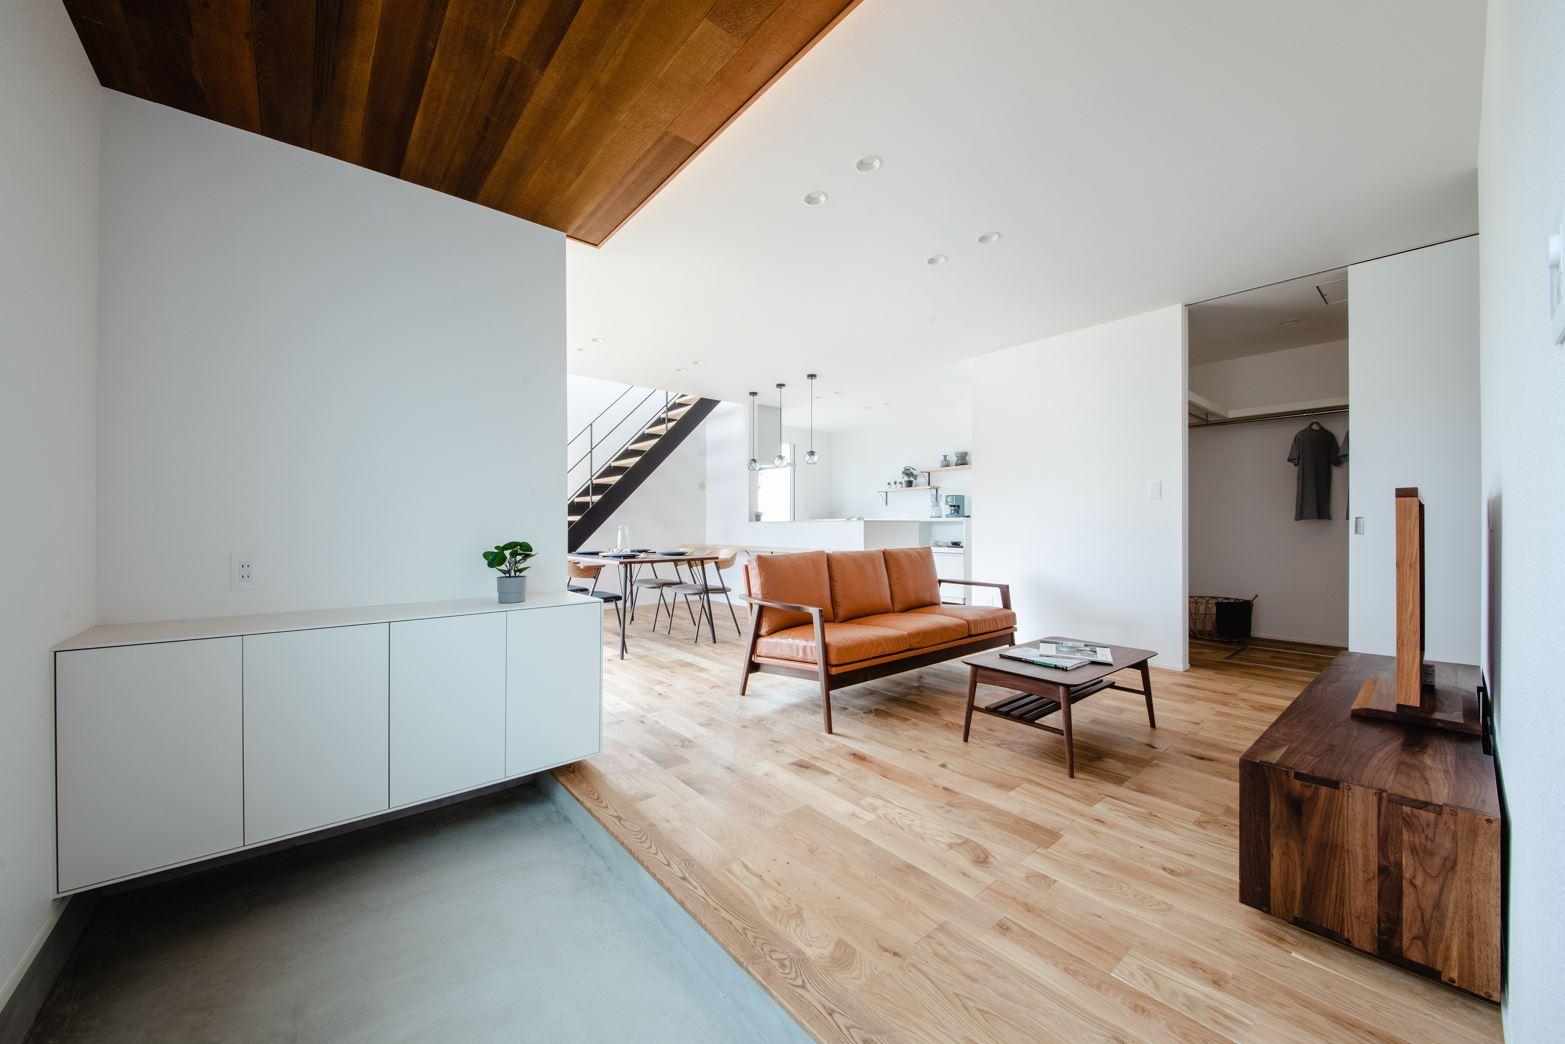 S.CONNECT(エスコネクト)【デザイン住宅、省エネ、建築家】玄関とLDKの間には間仕切りが無く、空間をより広く感じられる